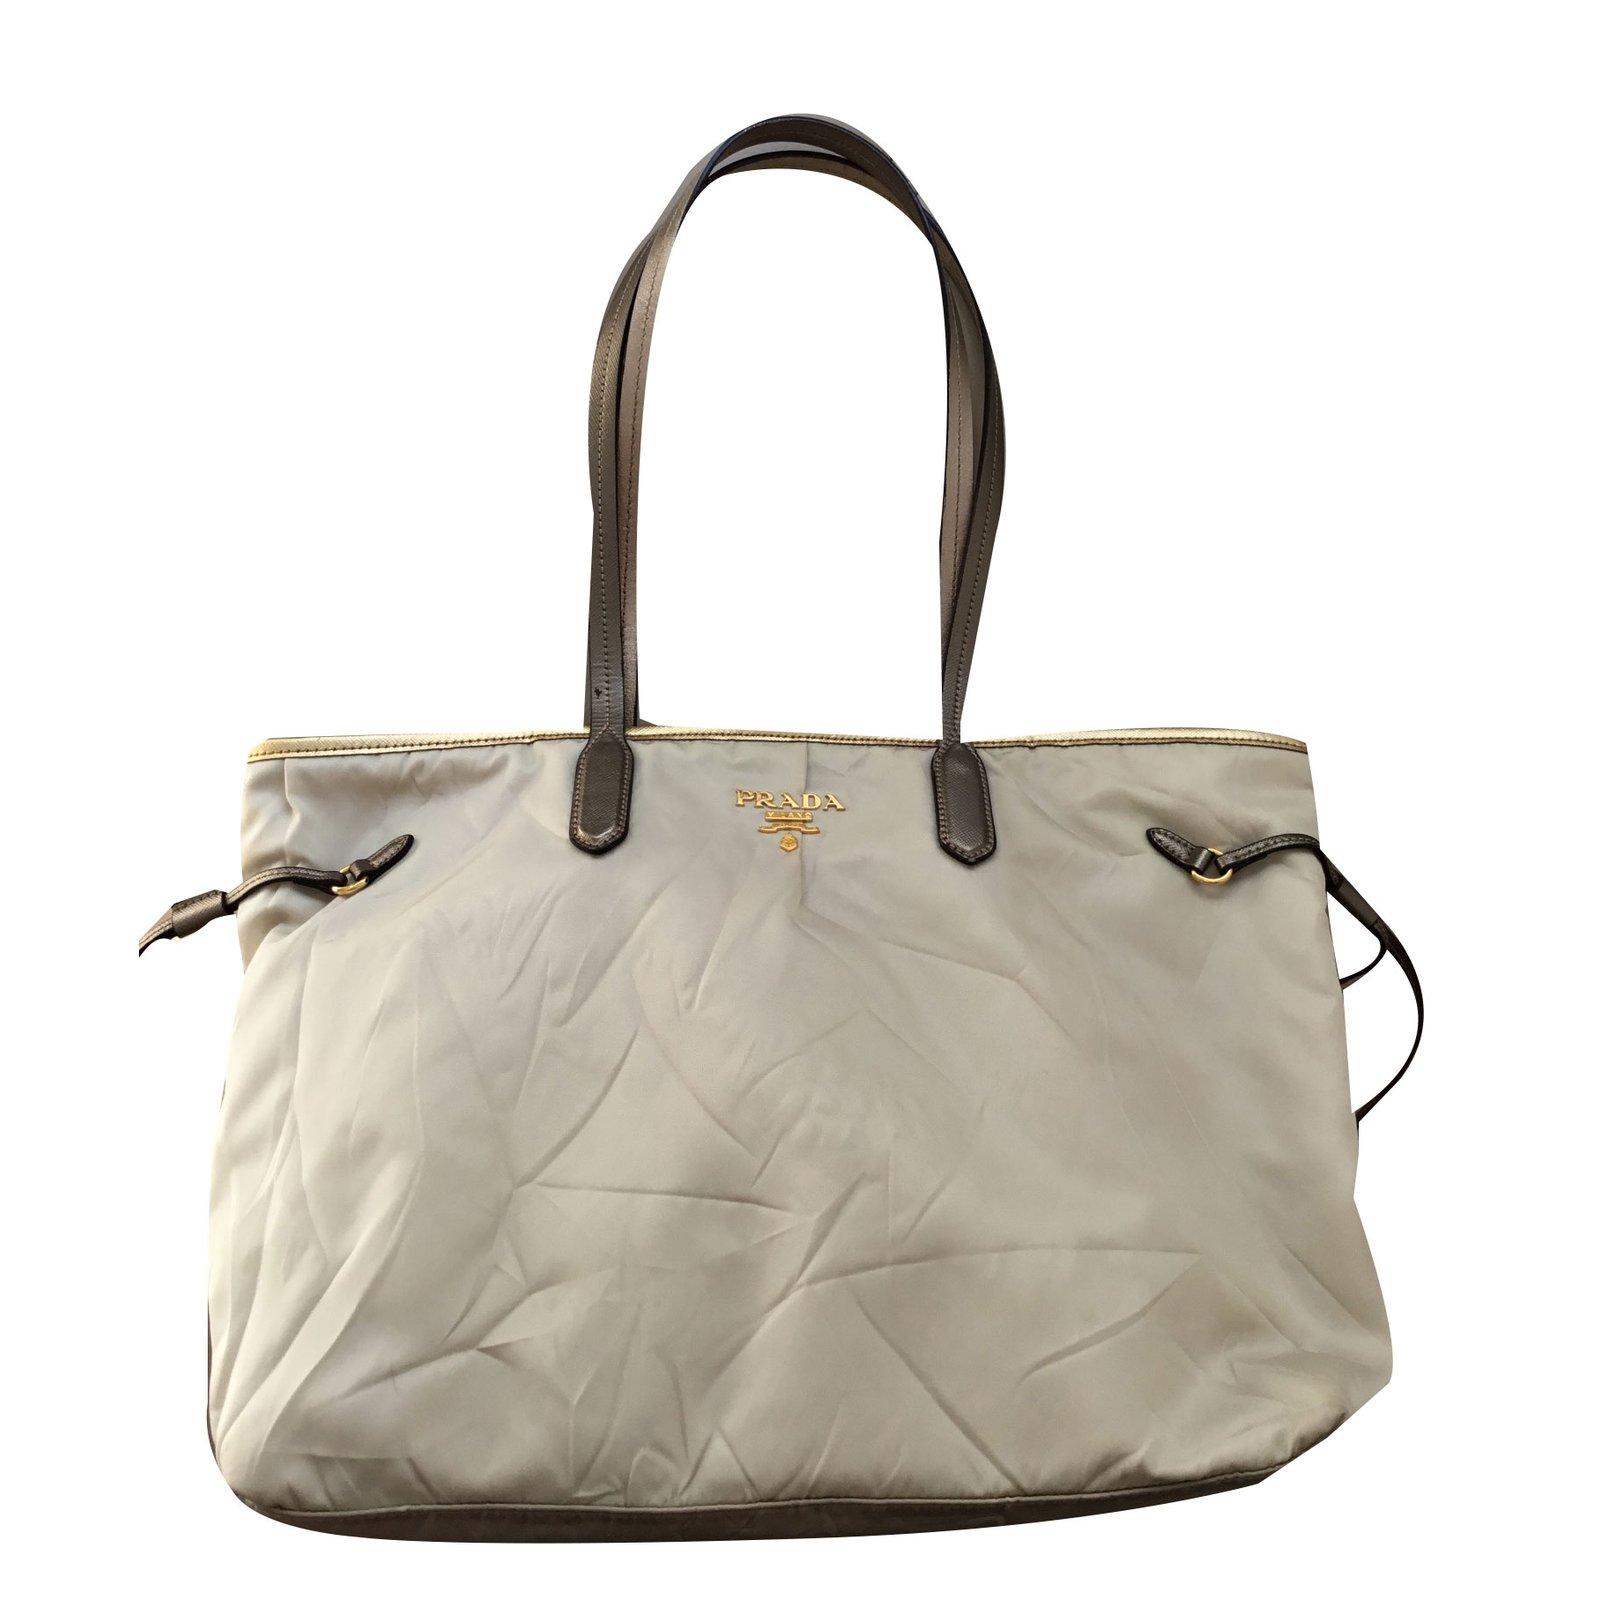 0ff0a2b125 ... shopping prada handbag handbags cloth cream ref.49876 5339c b8390